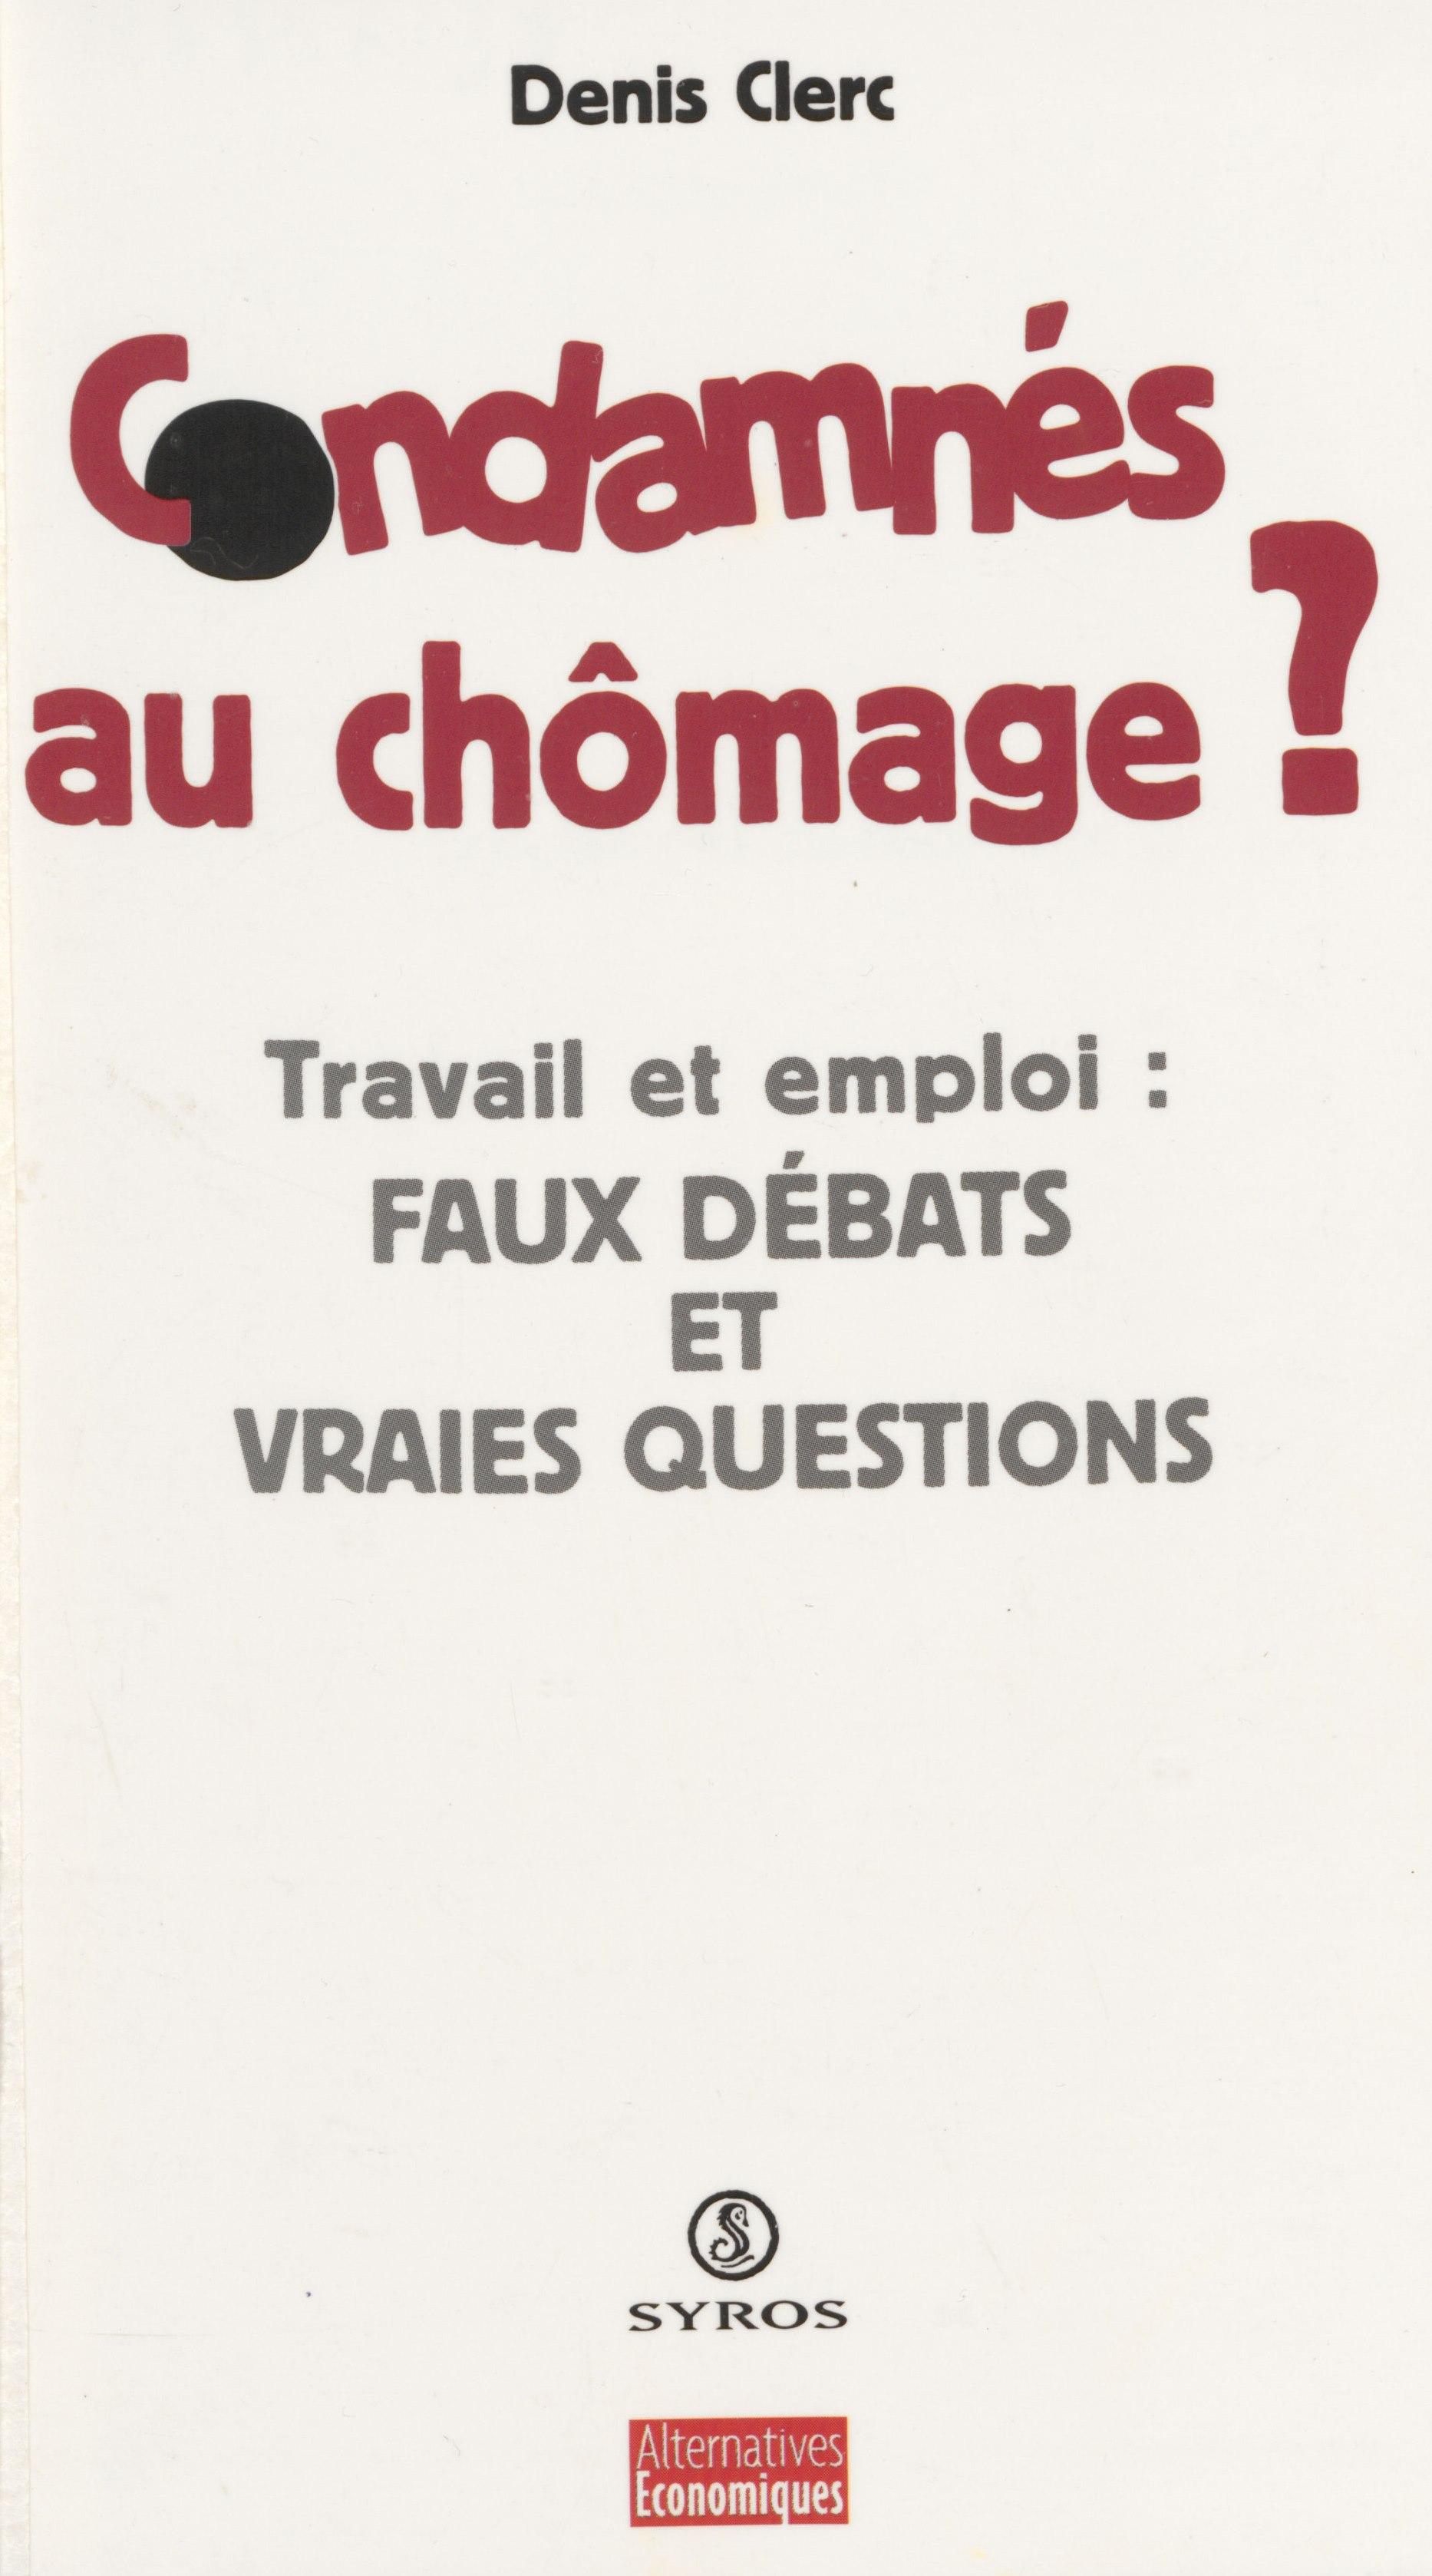 Condamnés au chômage ?, Travail et emploi : faux débats et vraies questions